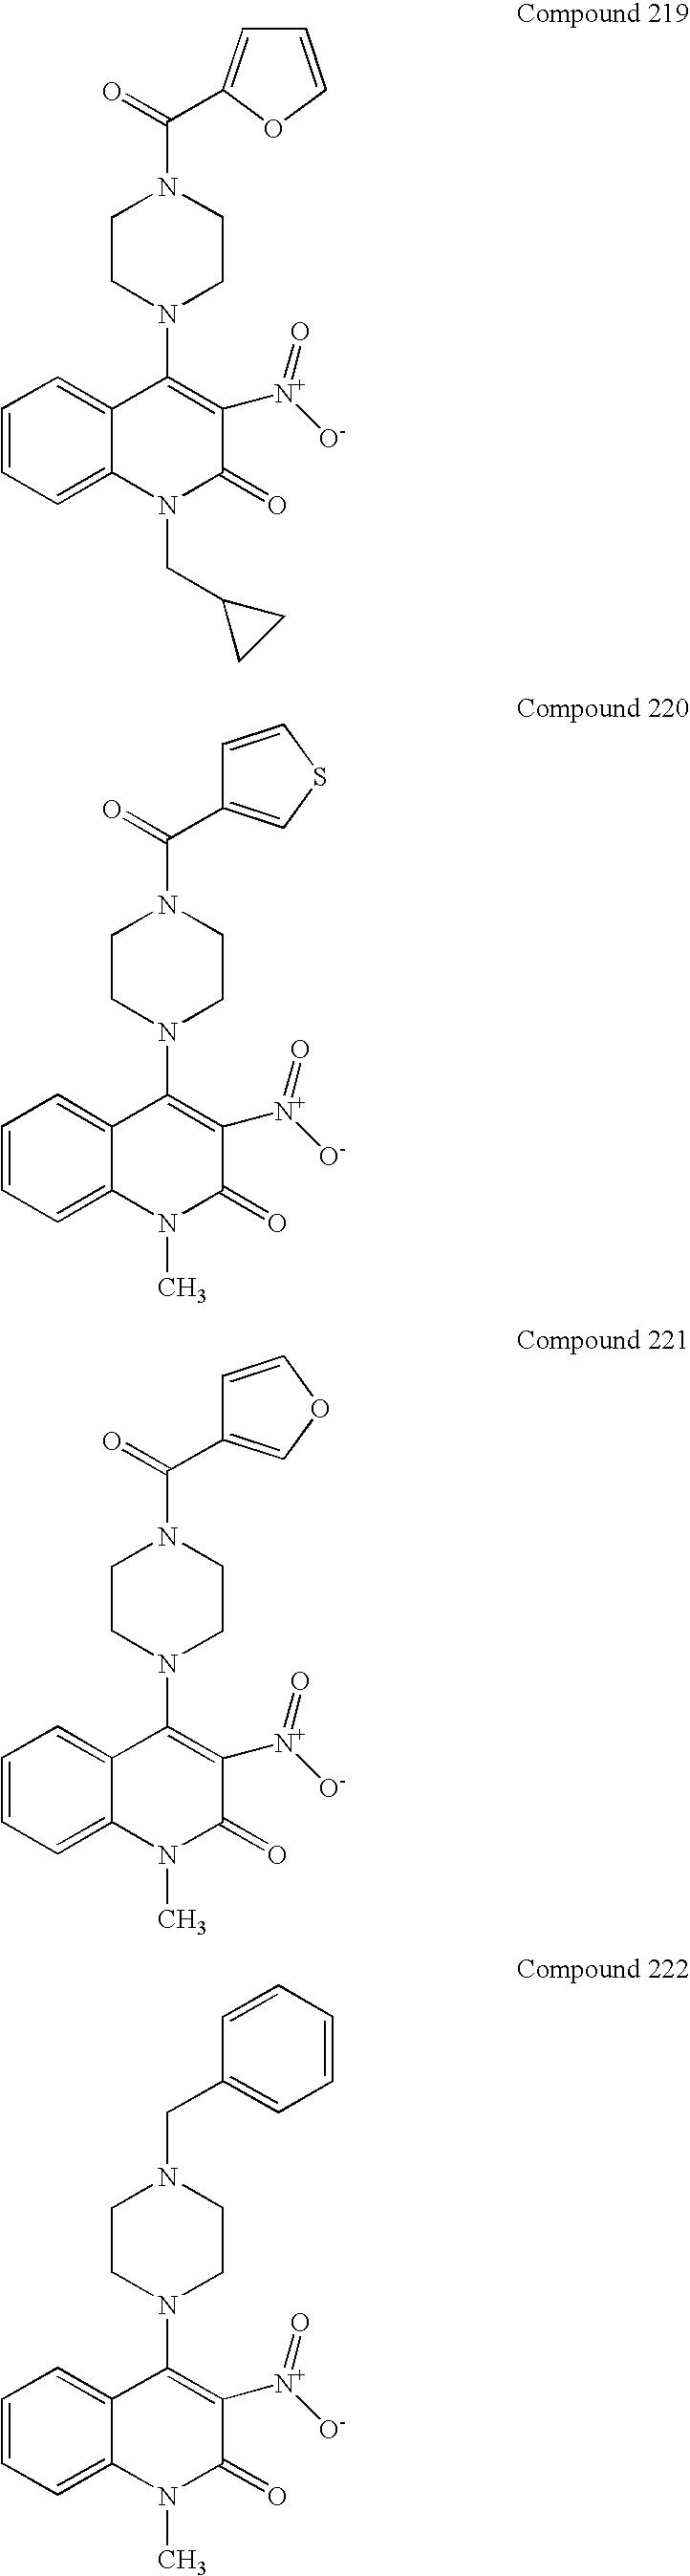 Figure US07230106-20070612-C00122